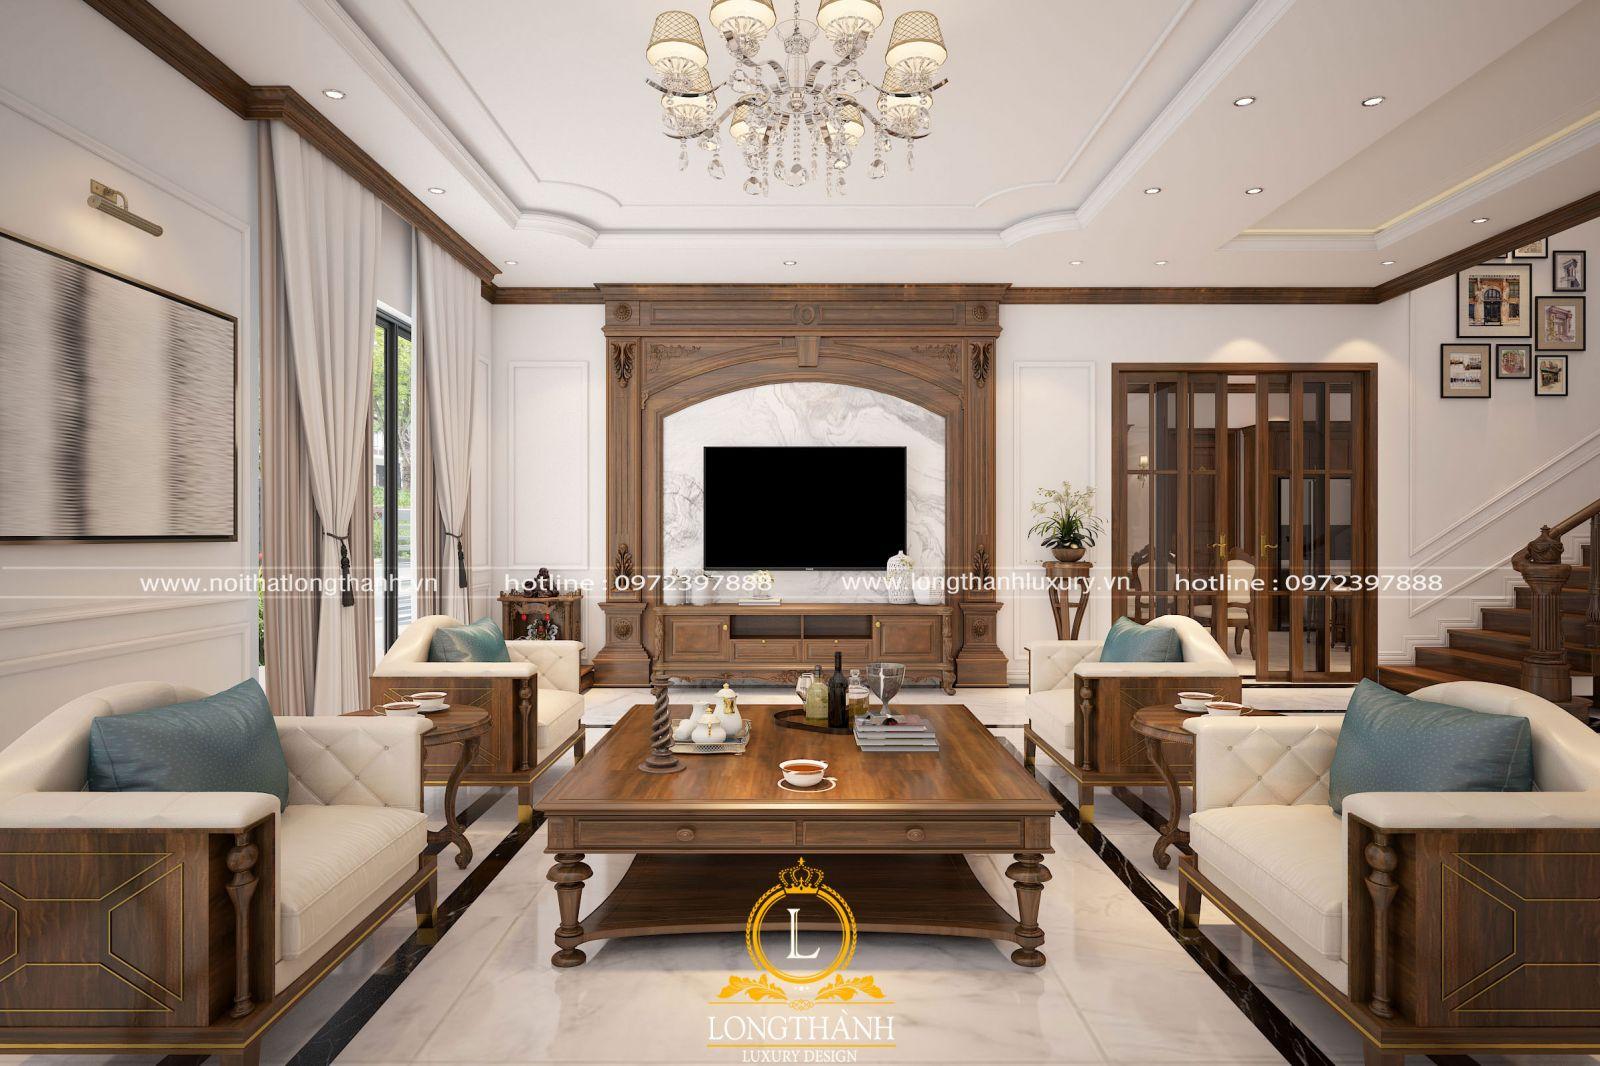 Nội thất may đo thiết kế theo phong cách Tân cổ điển kết hợp với nét Á Đông